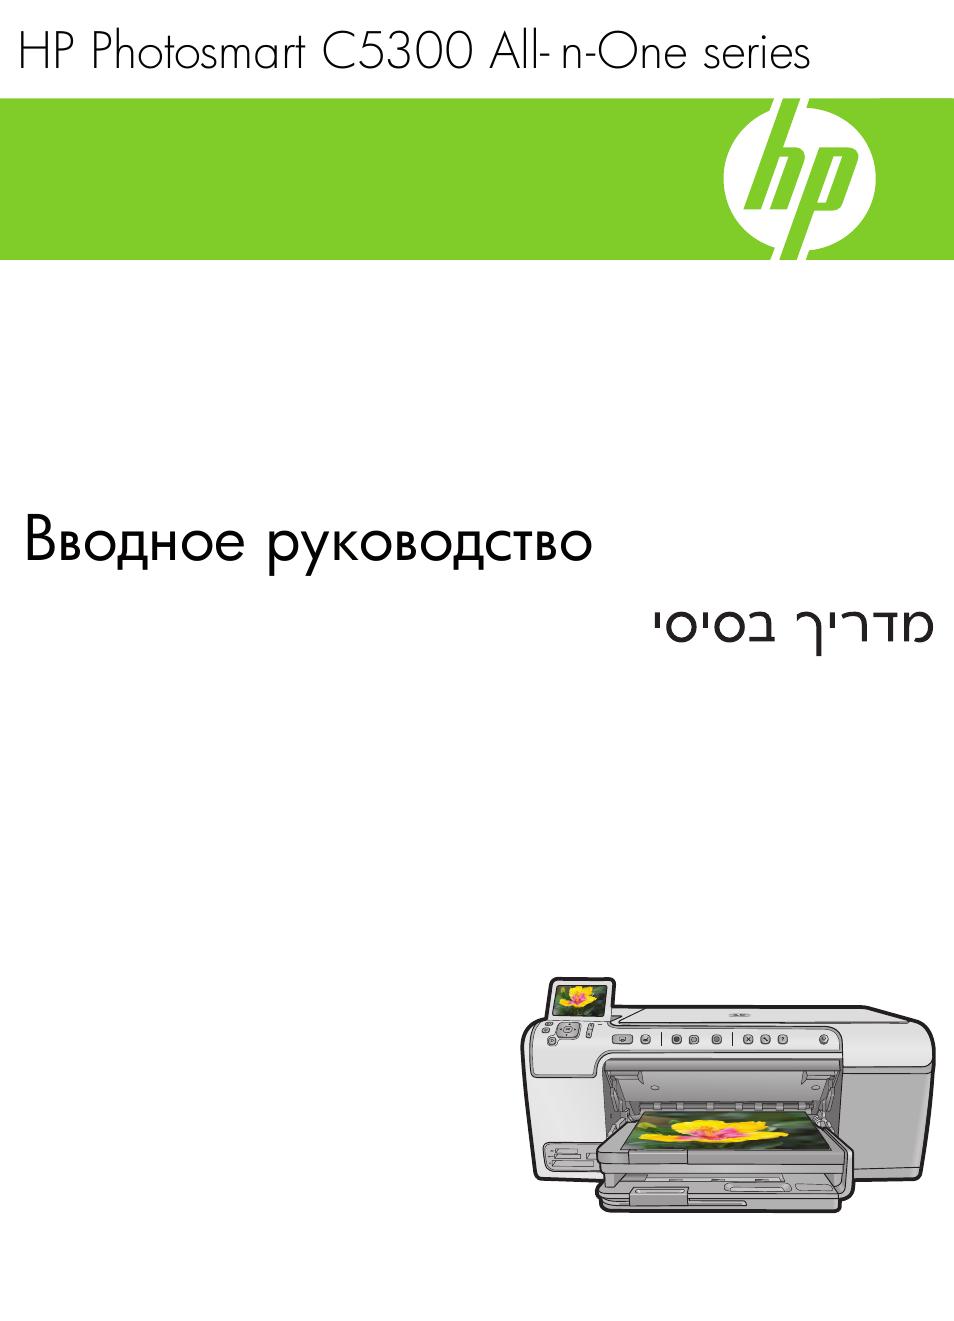 скачать инструкцию для hp g6